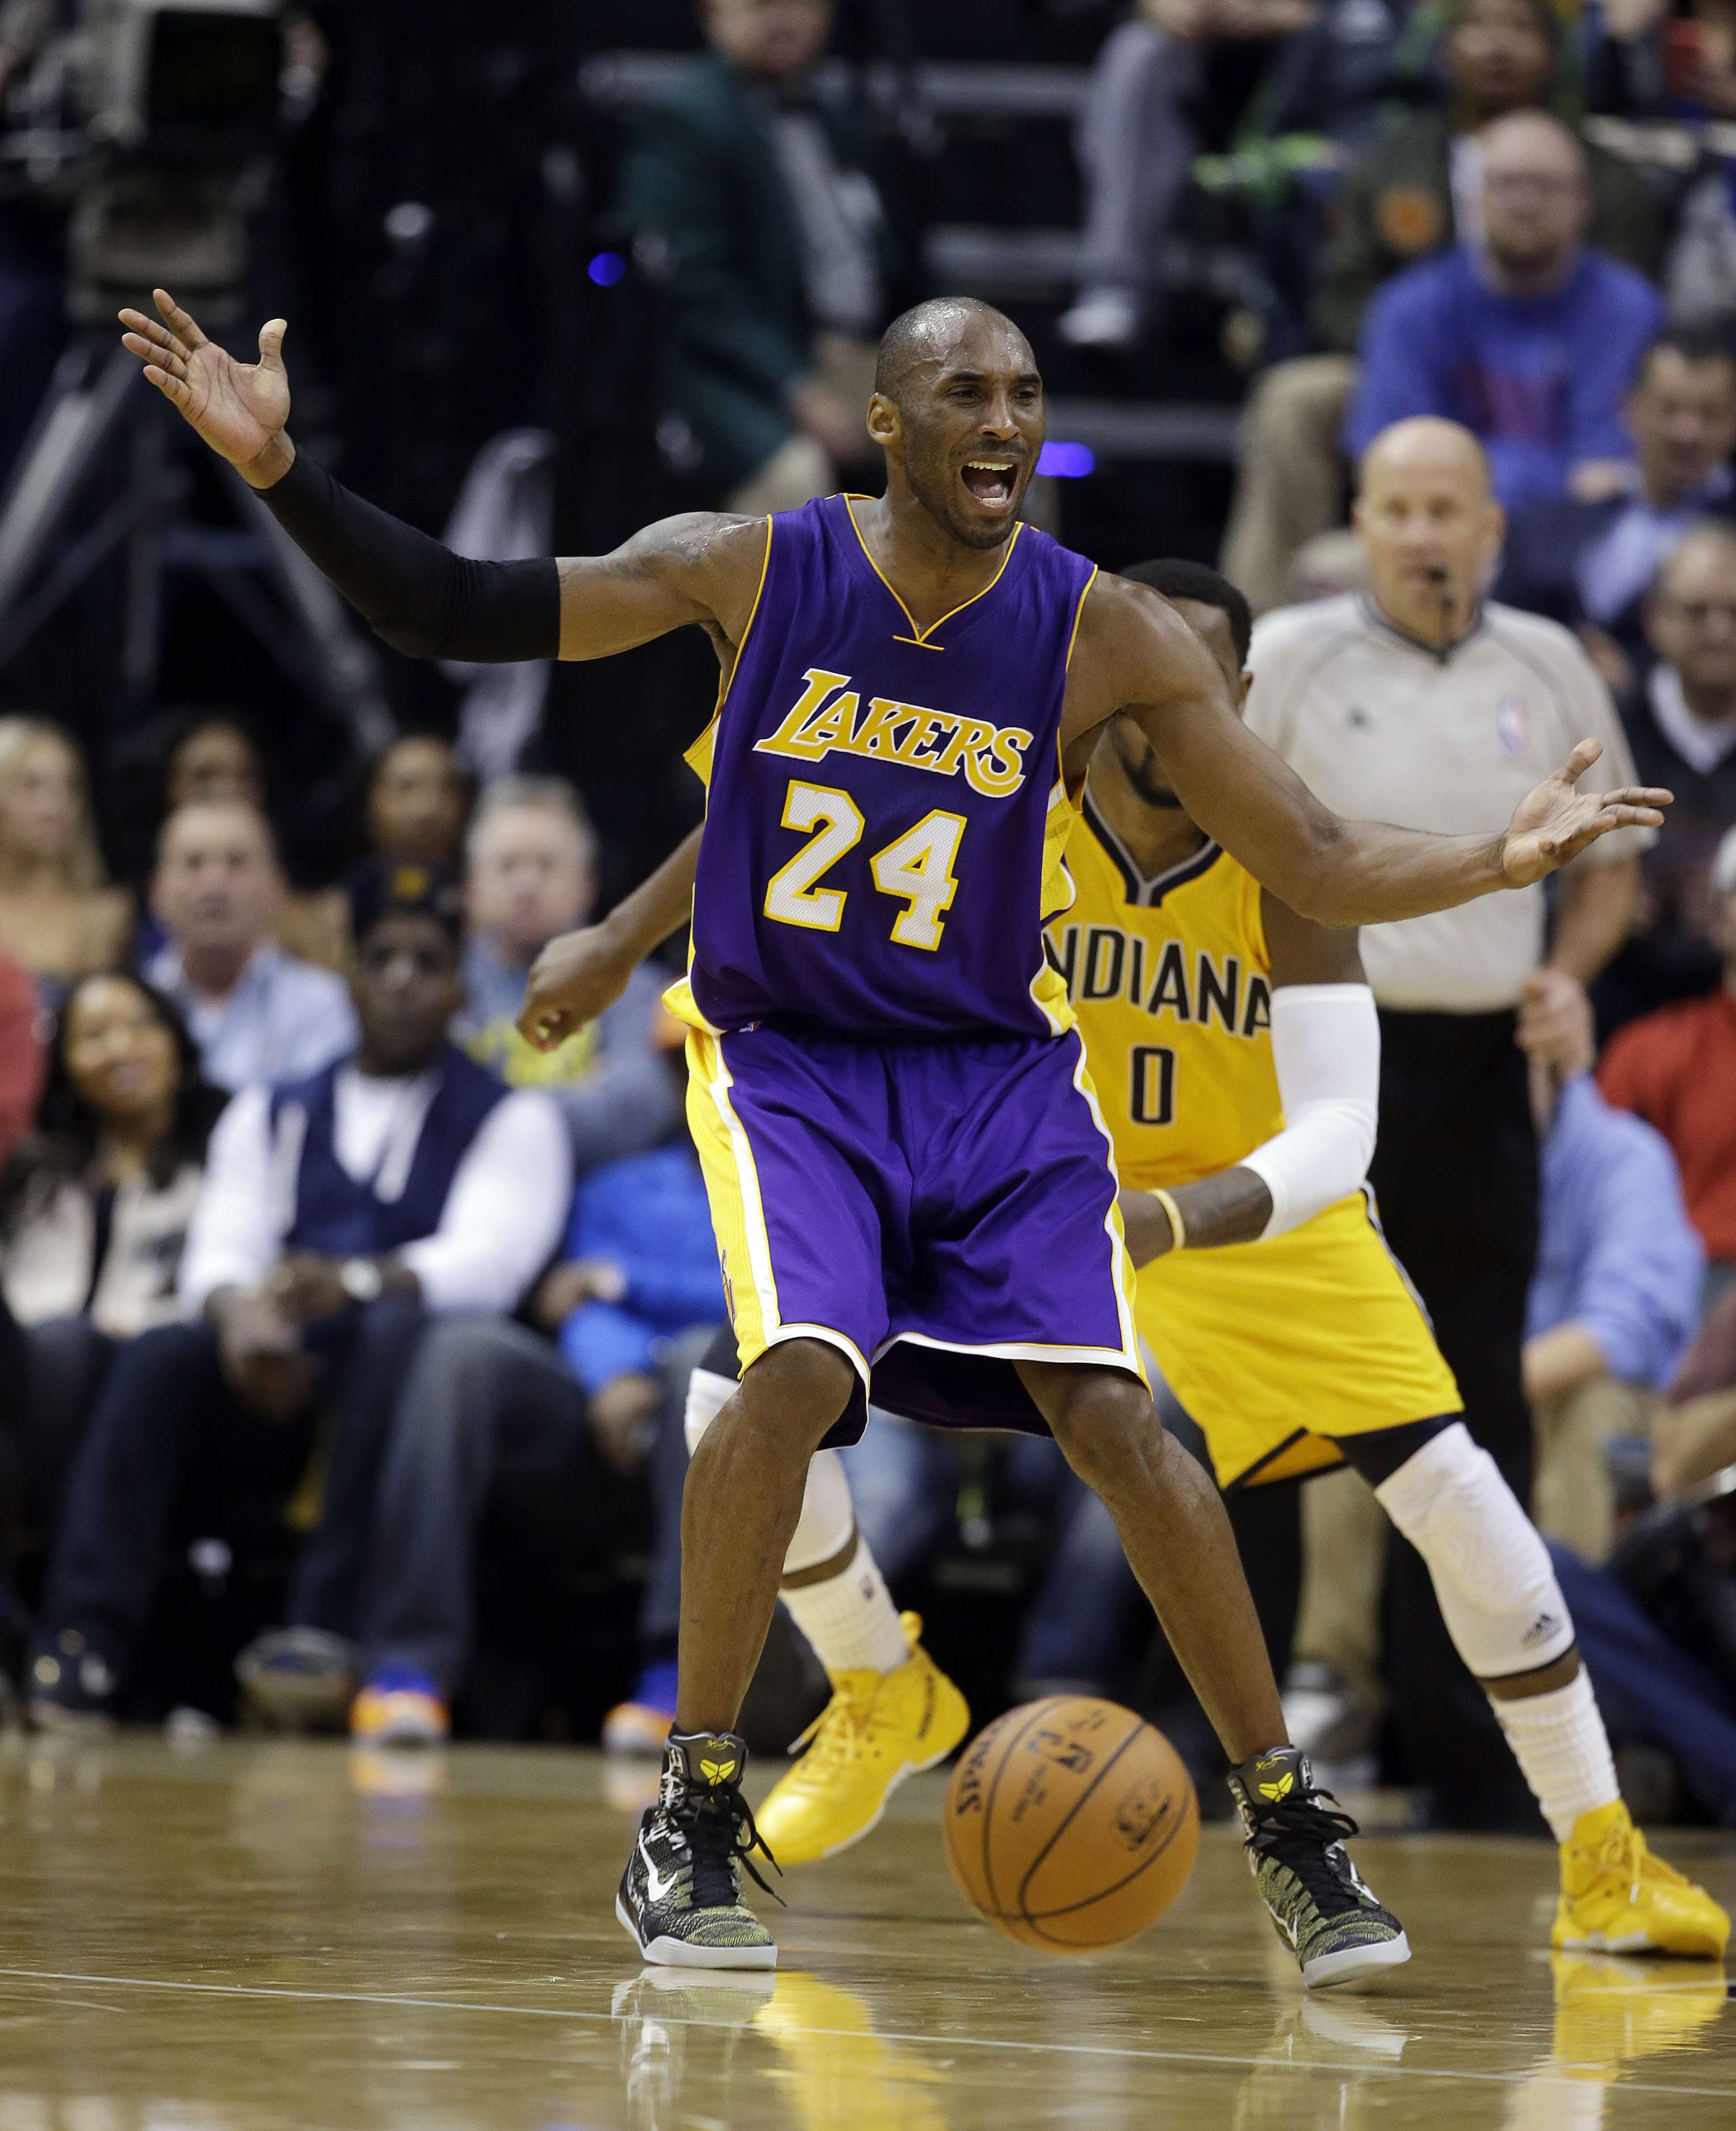 Kobe tiene su lugar asegurado en la historia de los Lakers como uno de los más grandes. Foto: AP